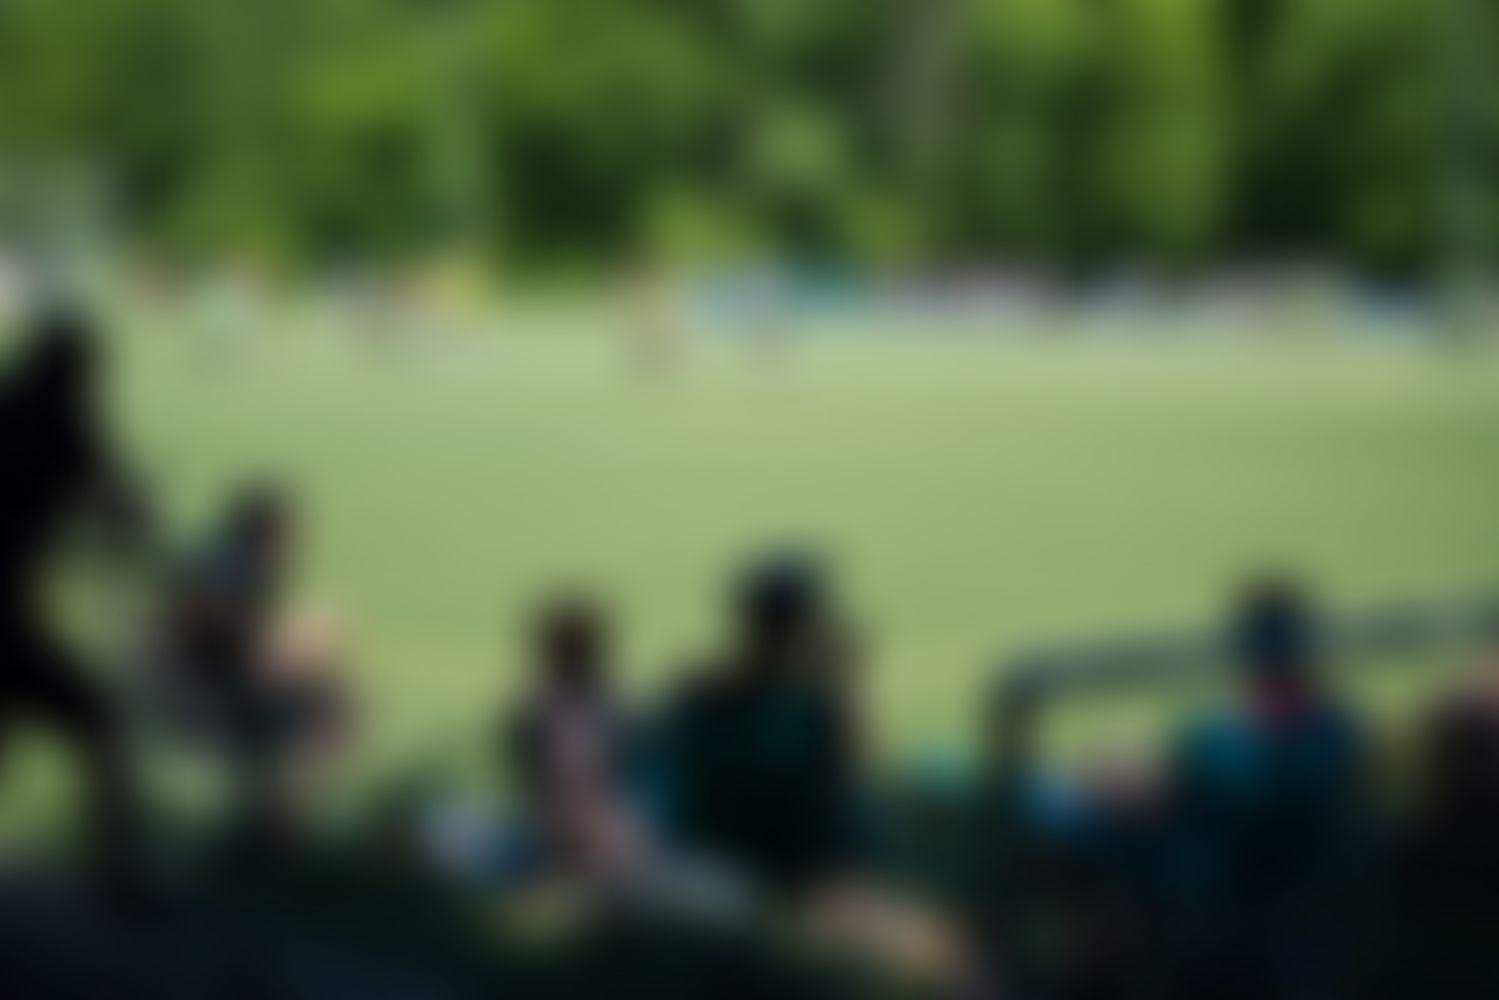 Unser Immergutzocken Fußballfeld aus der Besucher*innenperspektive